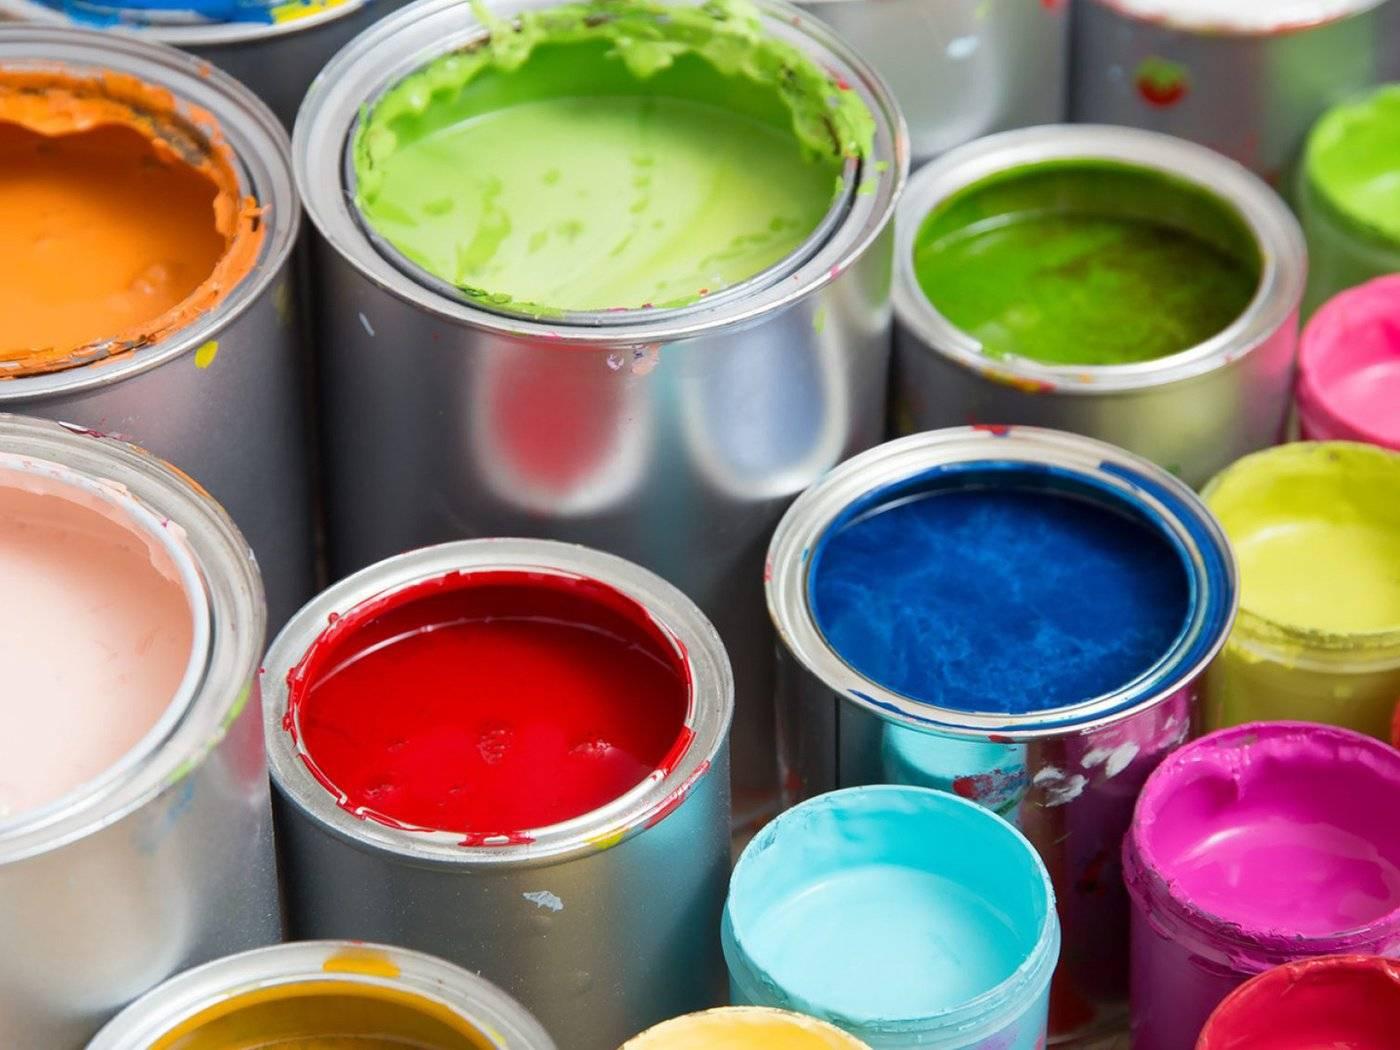 Нормы расхода масляной краски на квадратный метр, позволяющие избежать типичных ошибок при расчетах